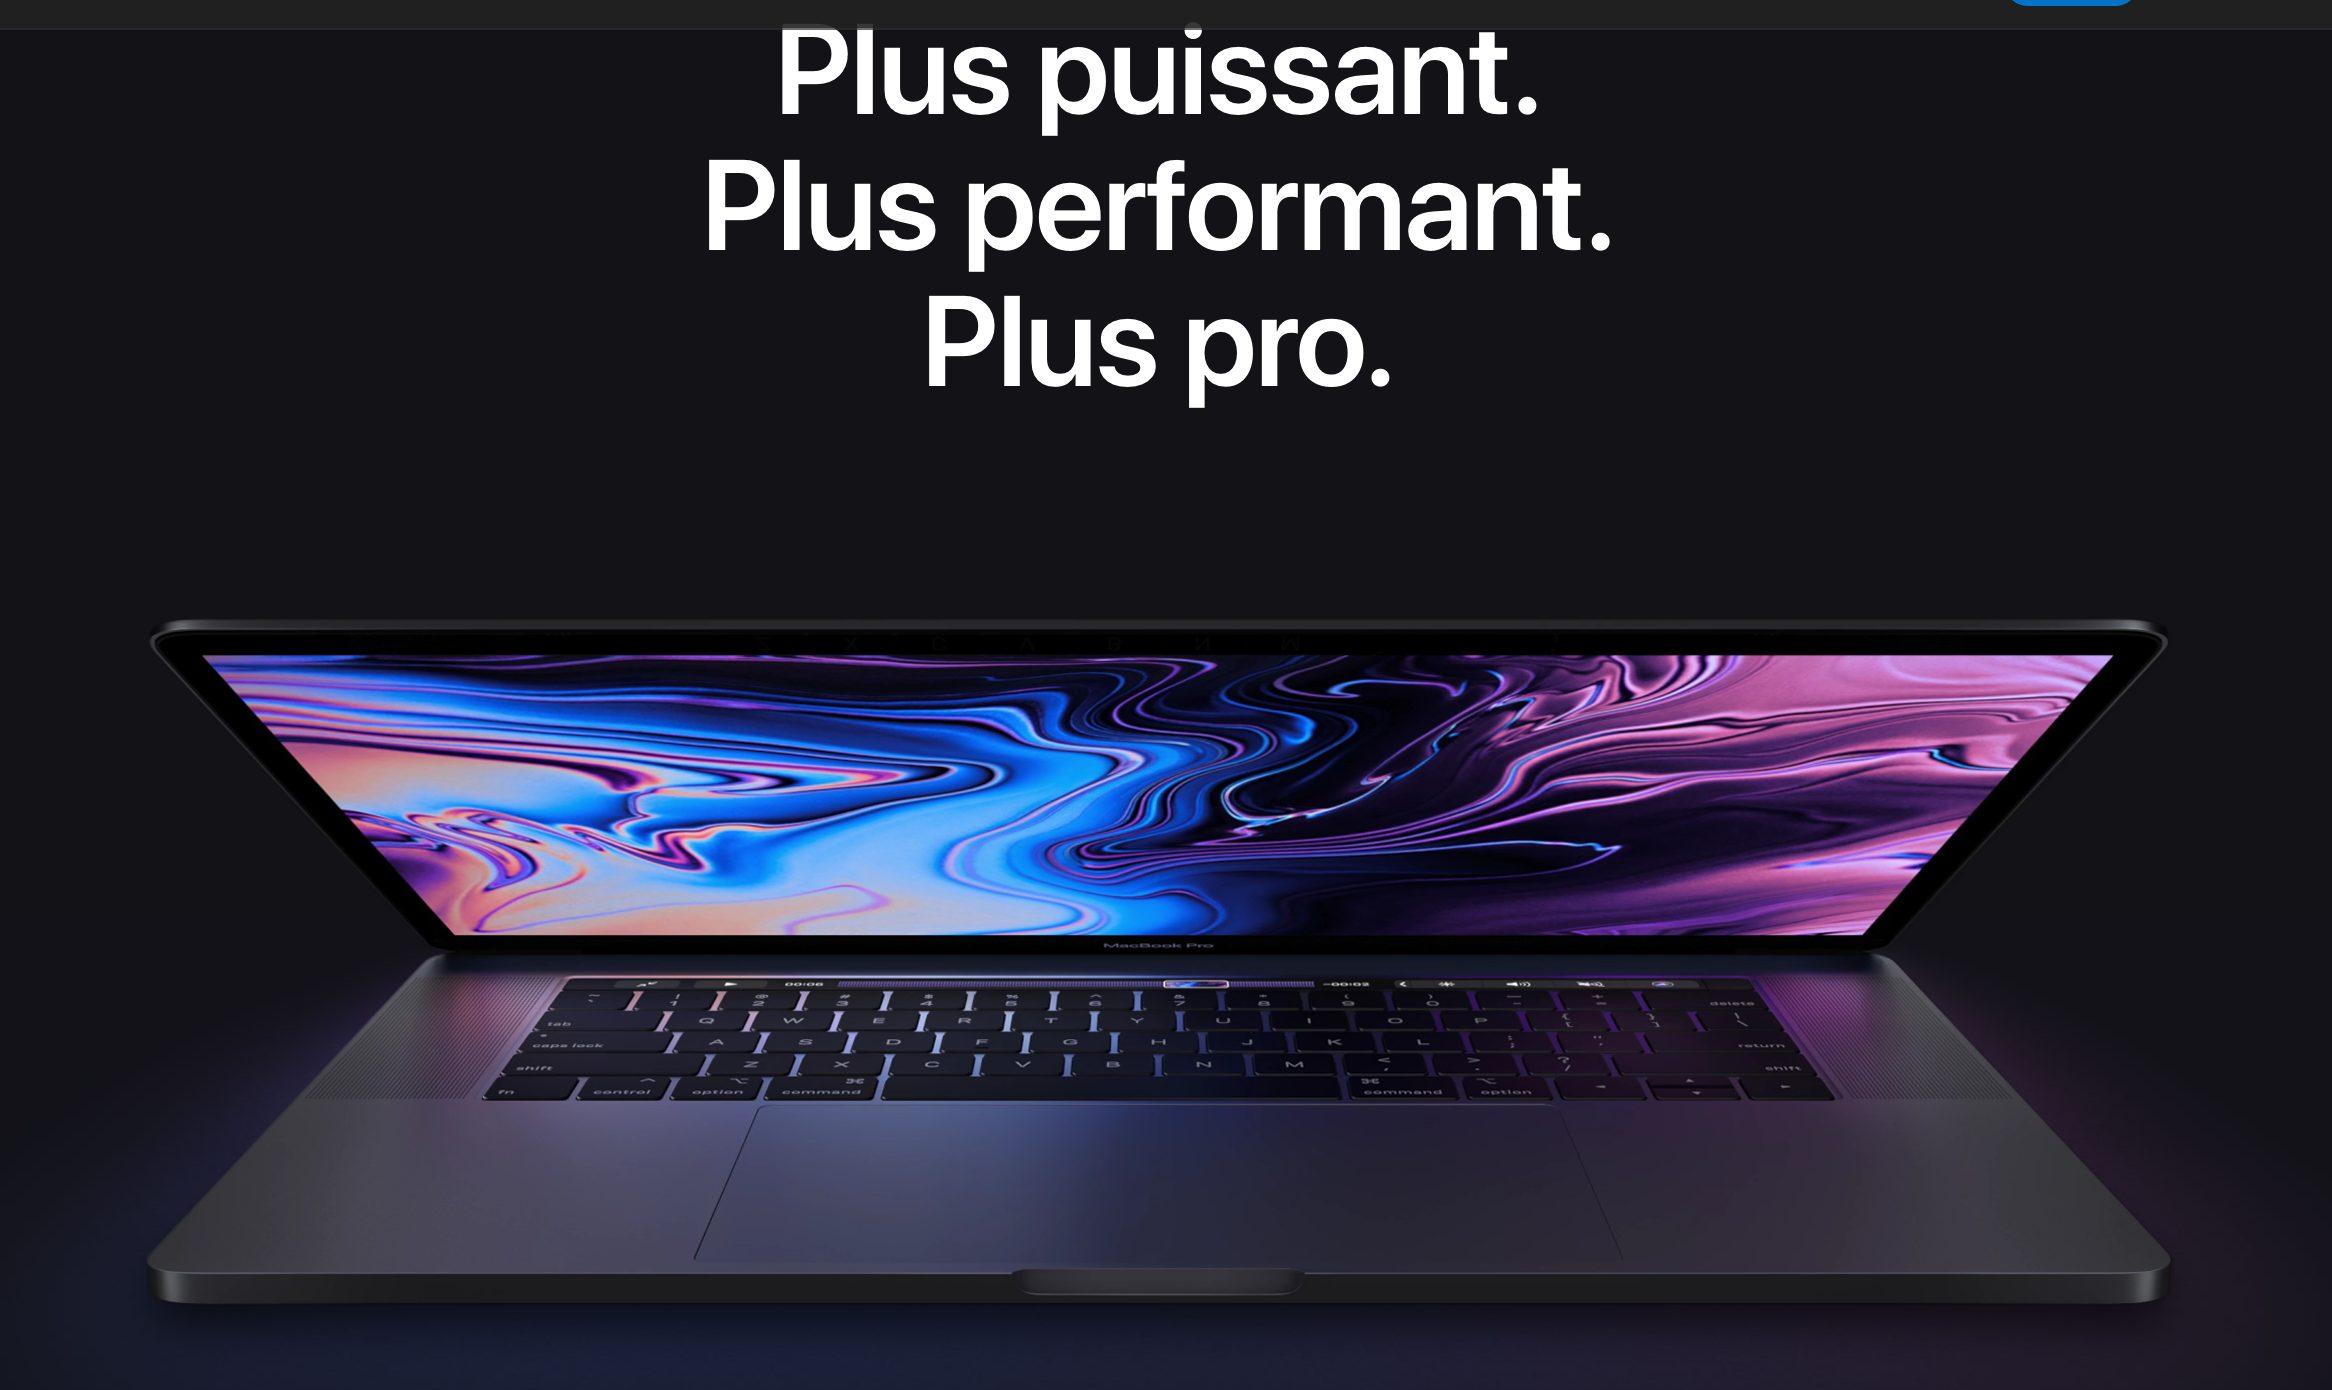 """Apple lance de nouveaux MacBook Pro plus puissants avec nouveau clavier """"papillon"""" et programme de réparation gratuite 1"""